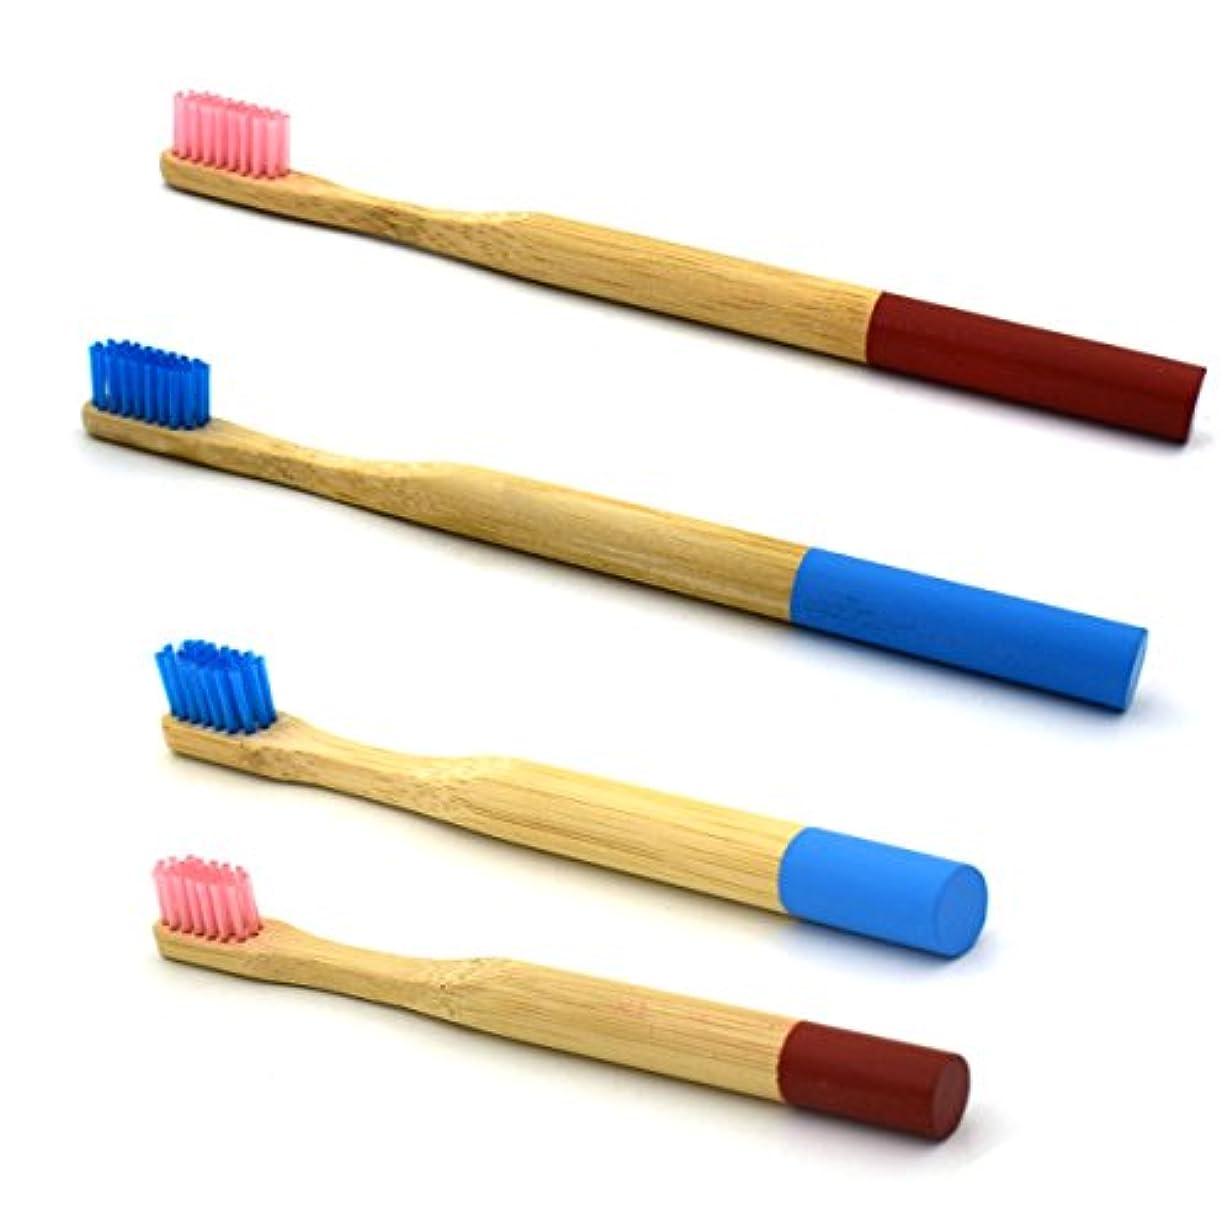 立証する赤面陰気ROSENICE 2組 竹の歯ブラシ 自然な竹エコフレンドリーな柔らかい毛の旅行の歯ブラシ(青+ピンク)